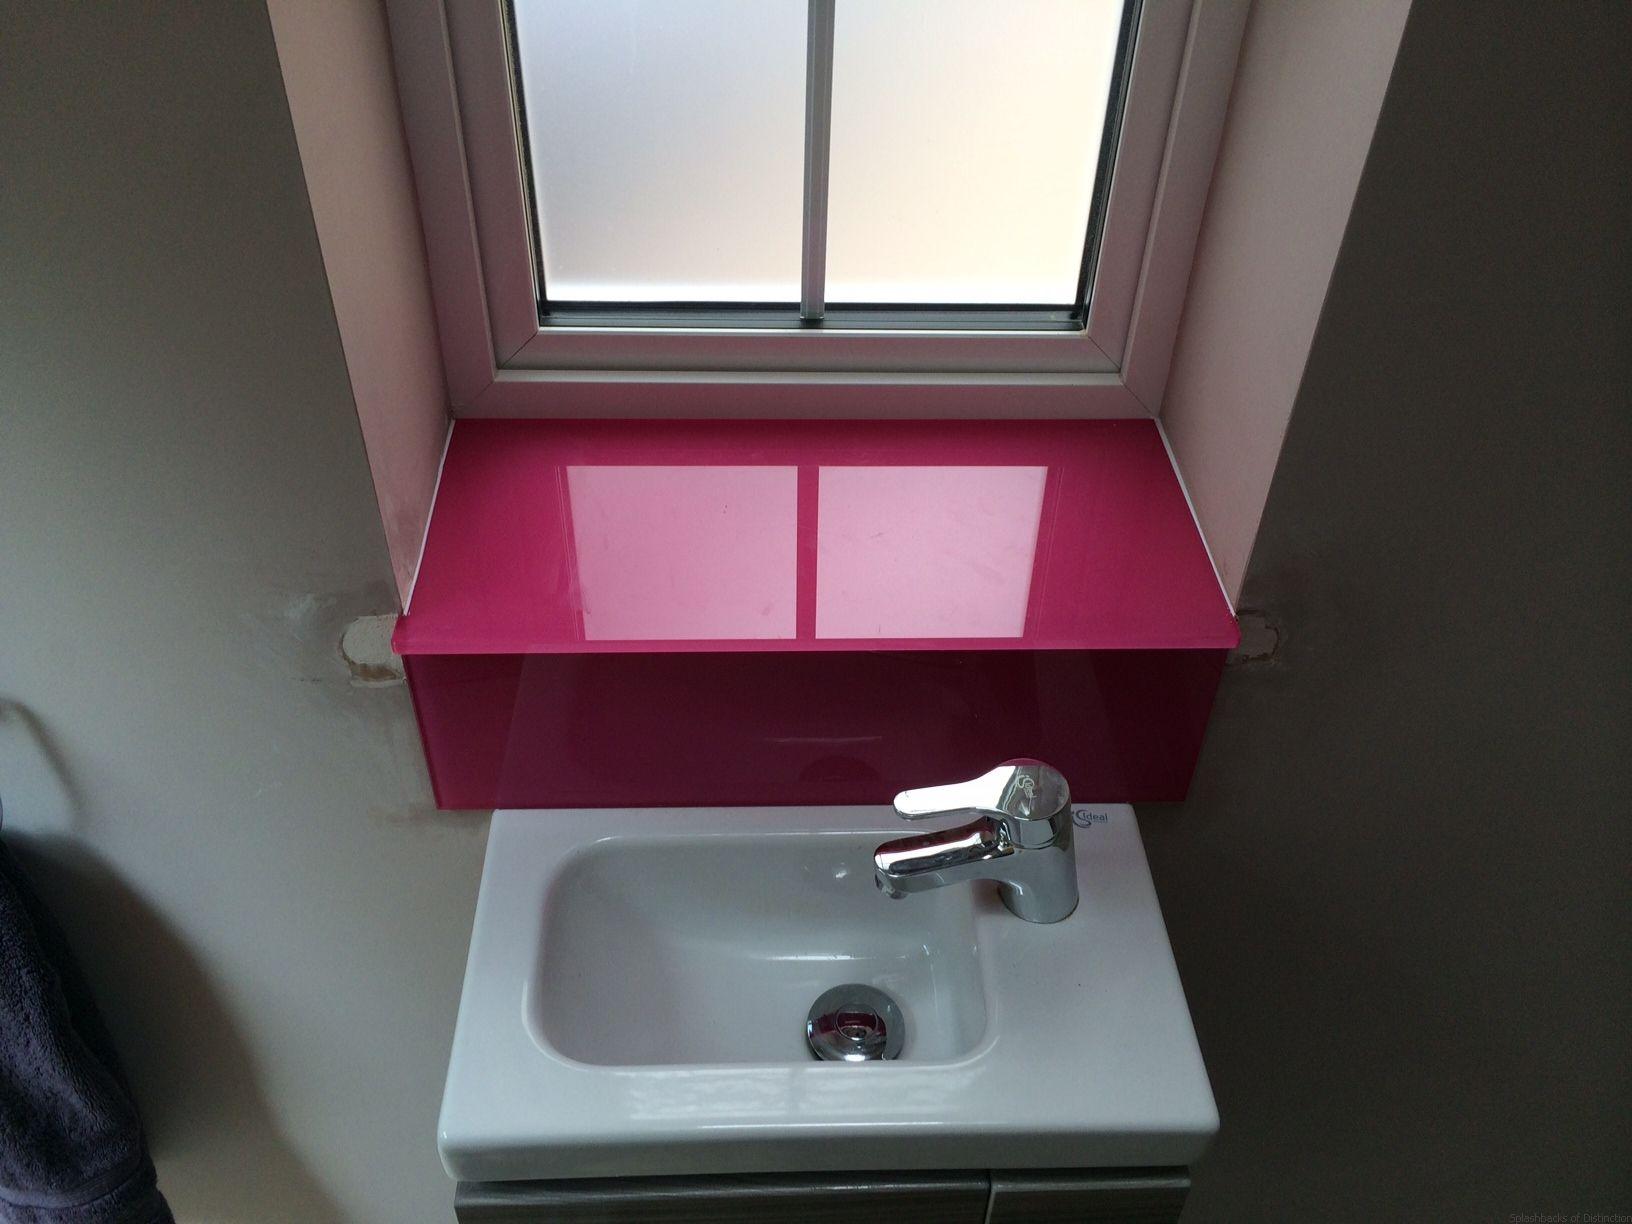 Glass splashbacks for bathroom sinks - Splashbacks Of Distinction Specialist Glass Projects